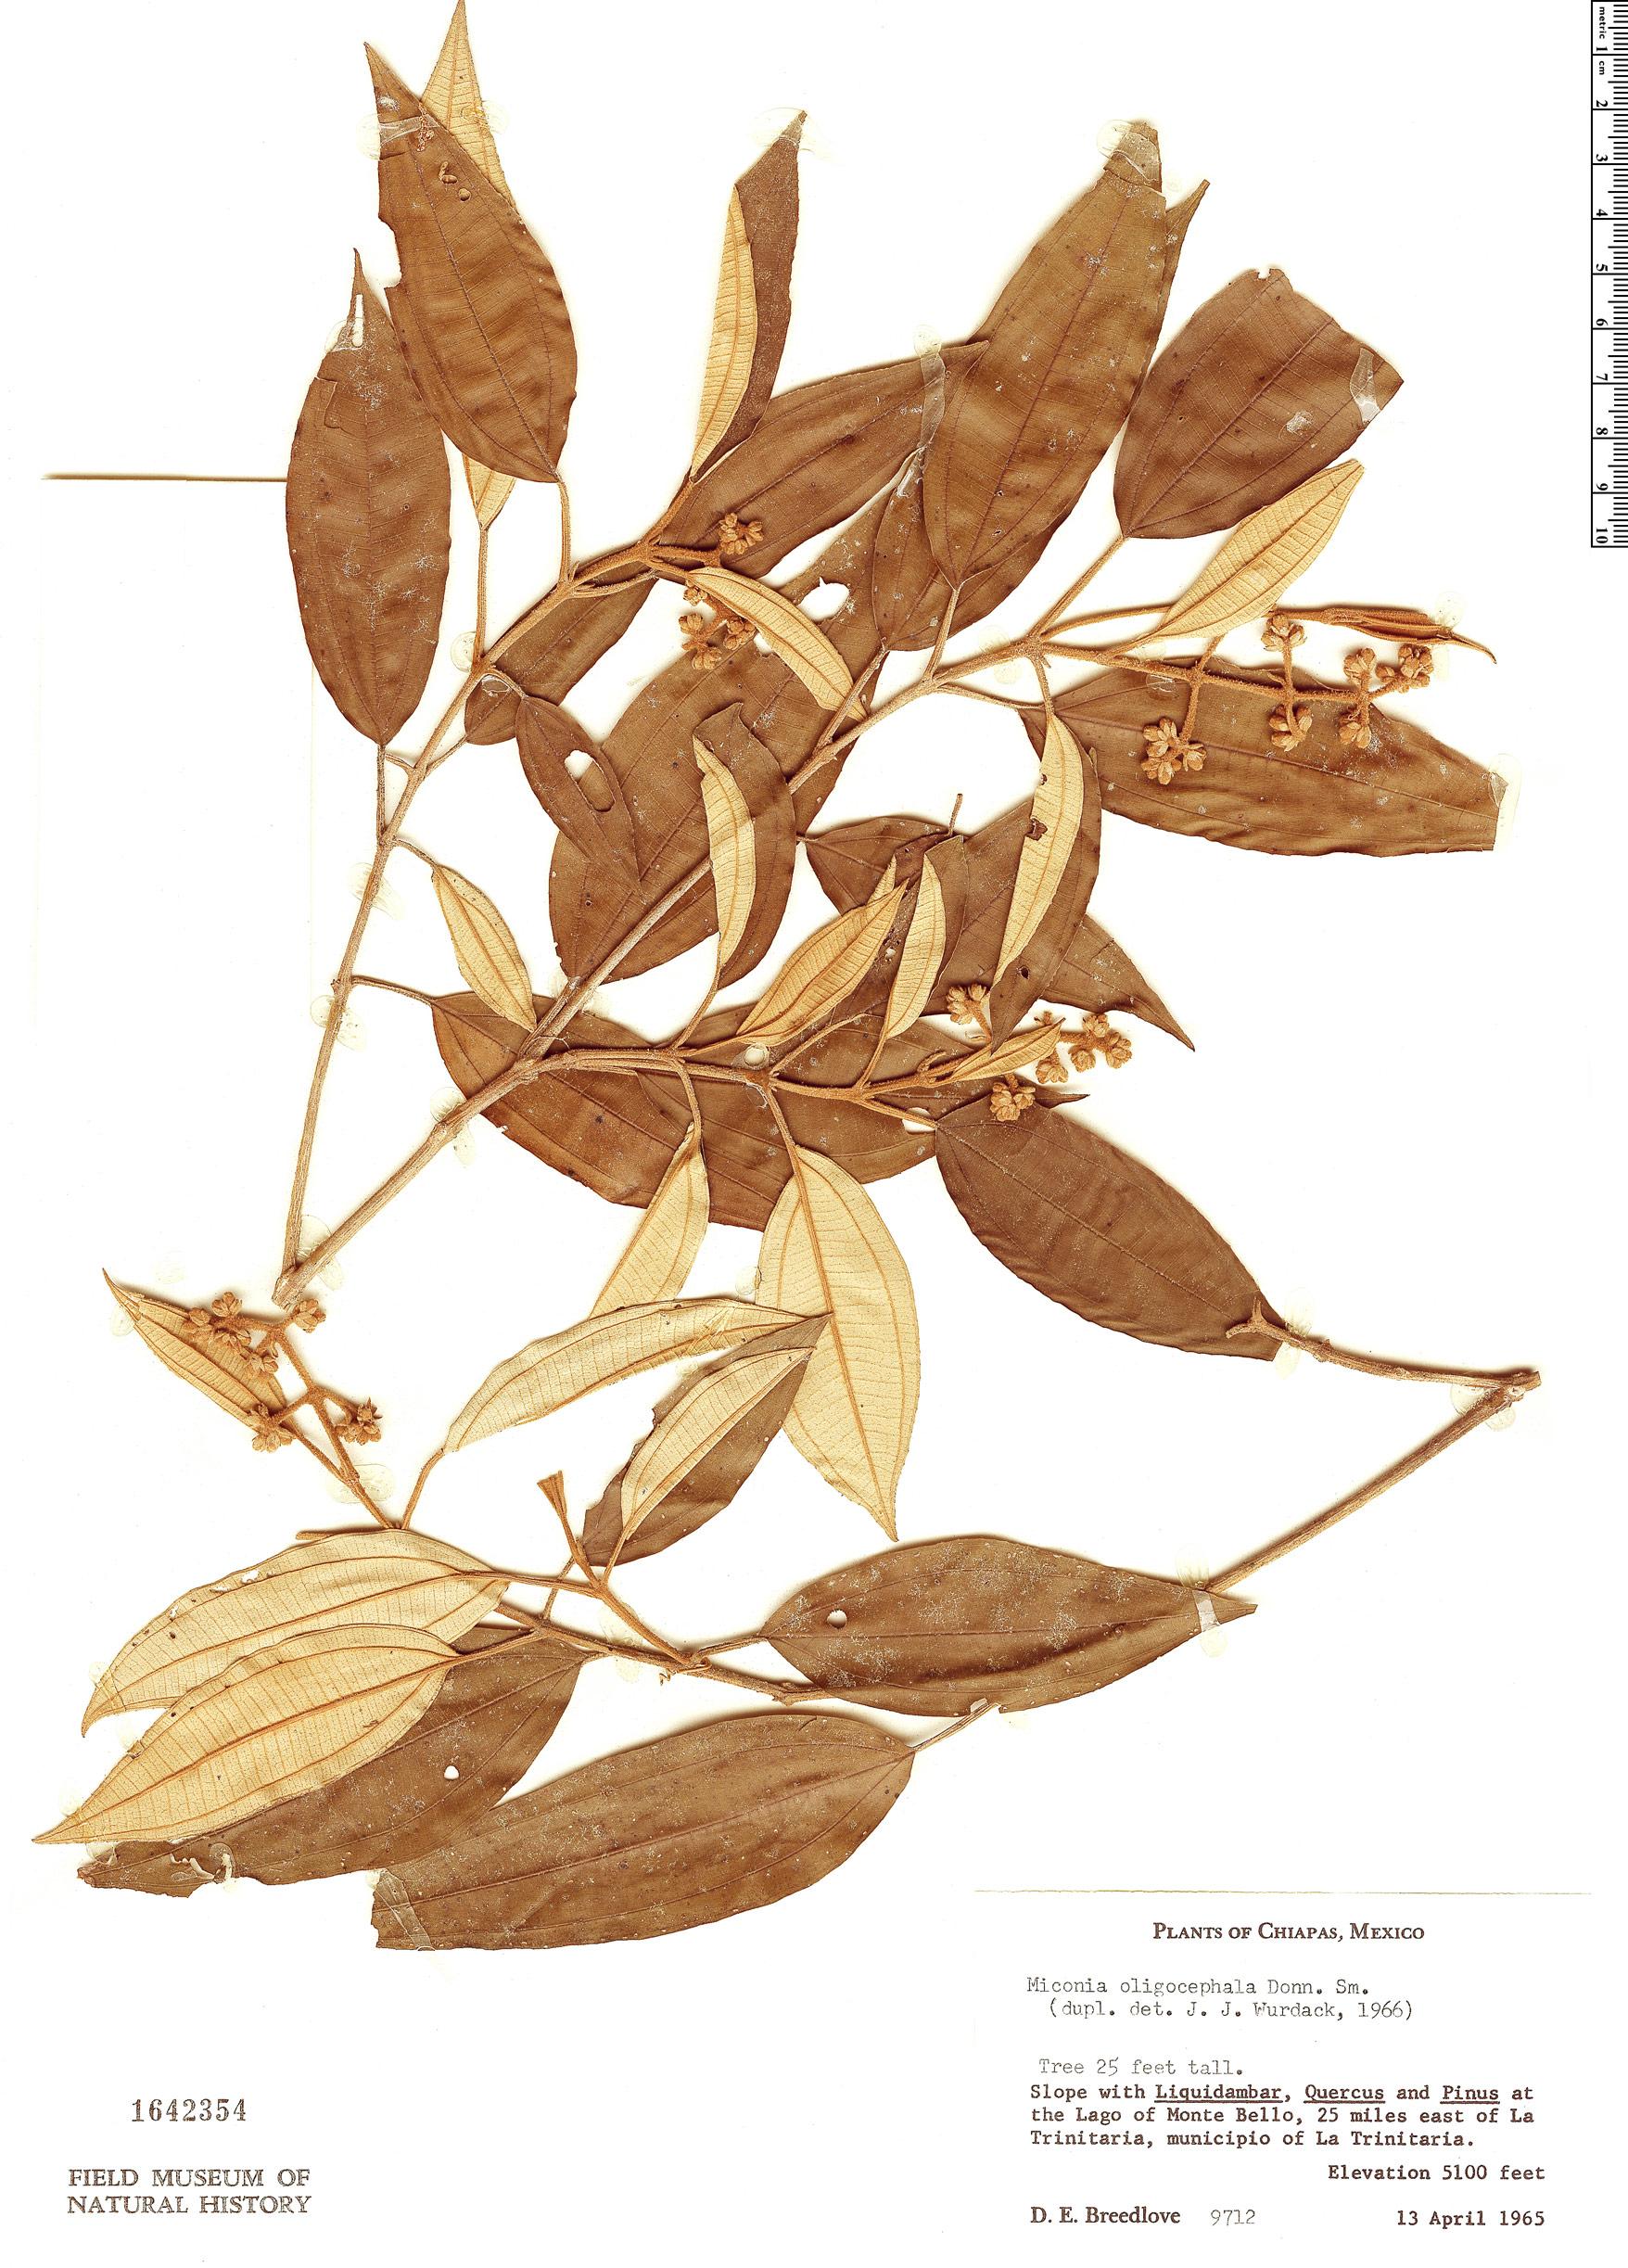 Specimen: Miconia oligocephala